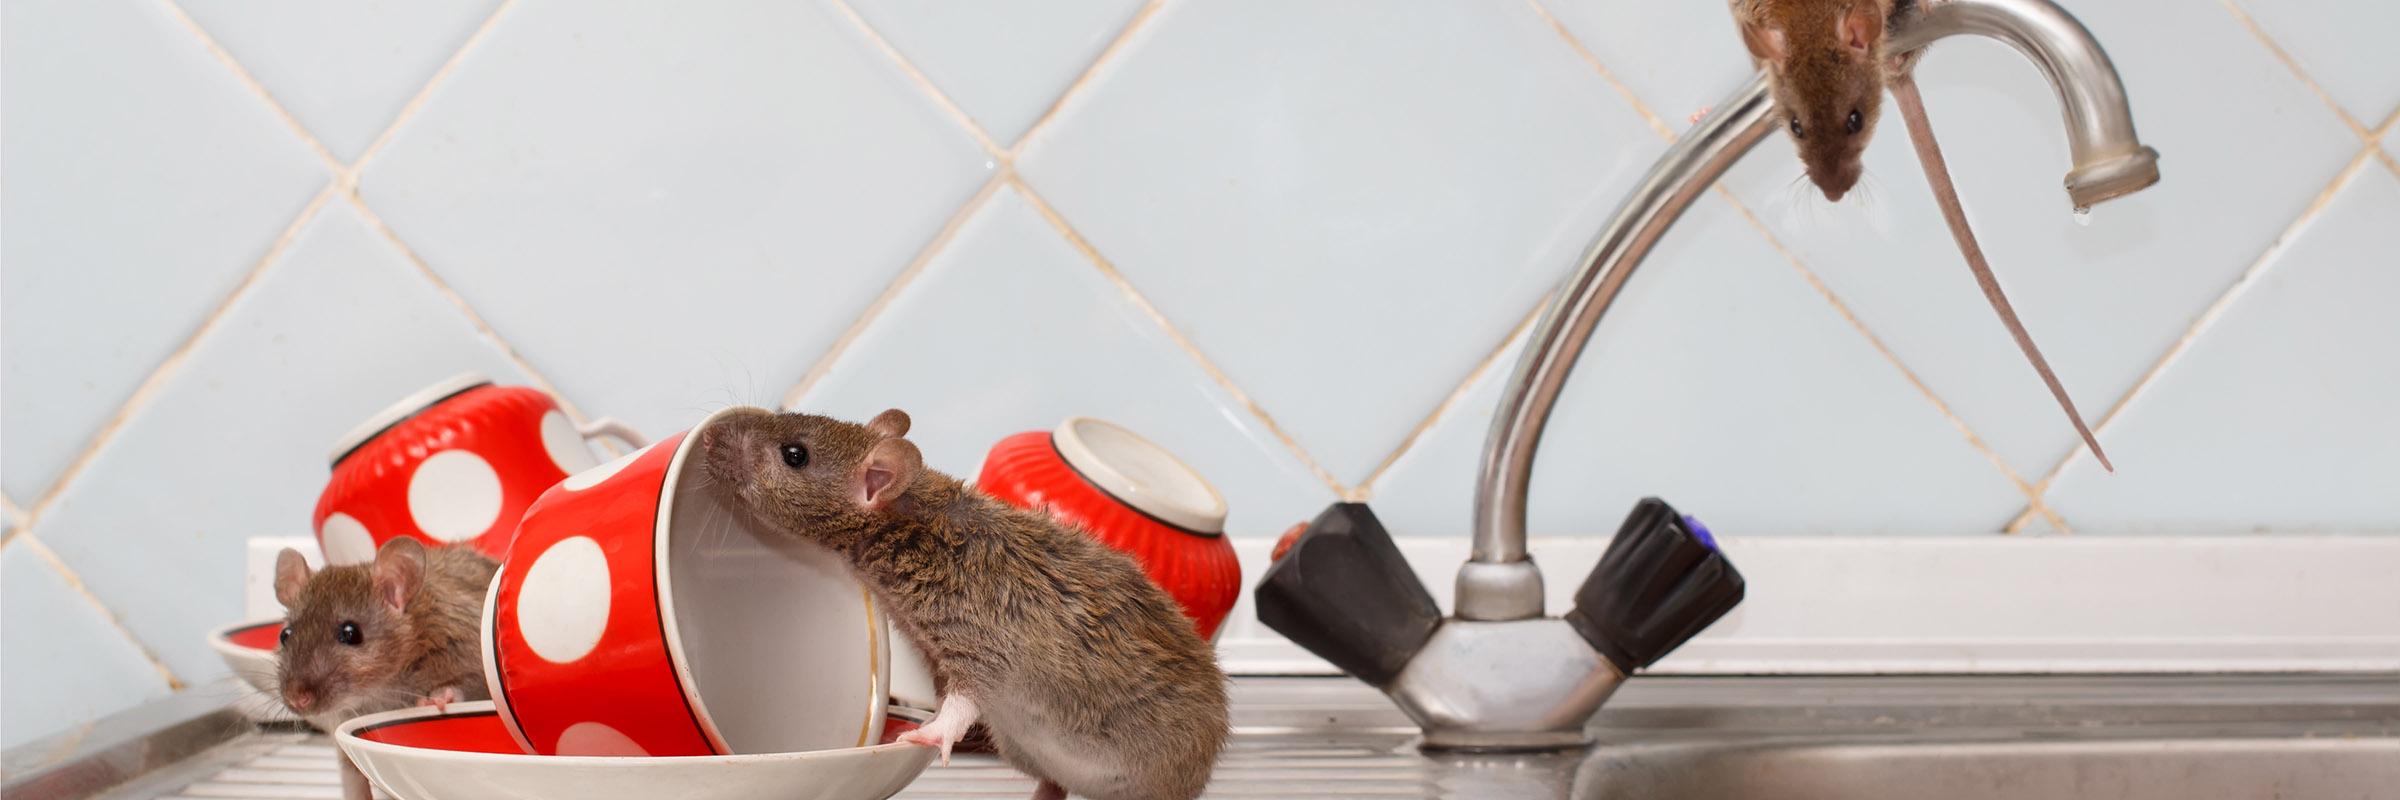 Rats c